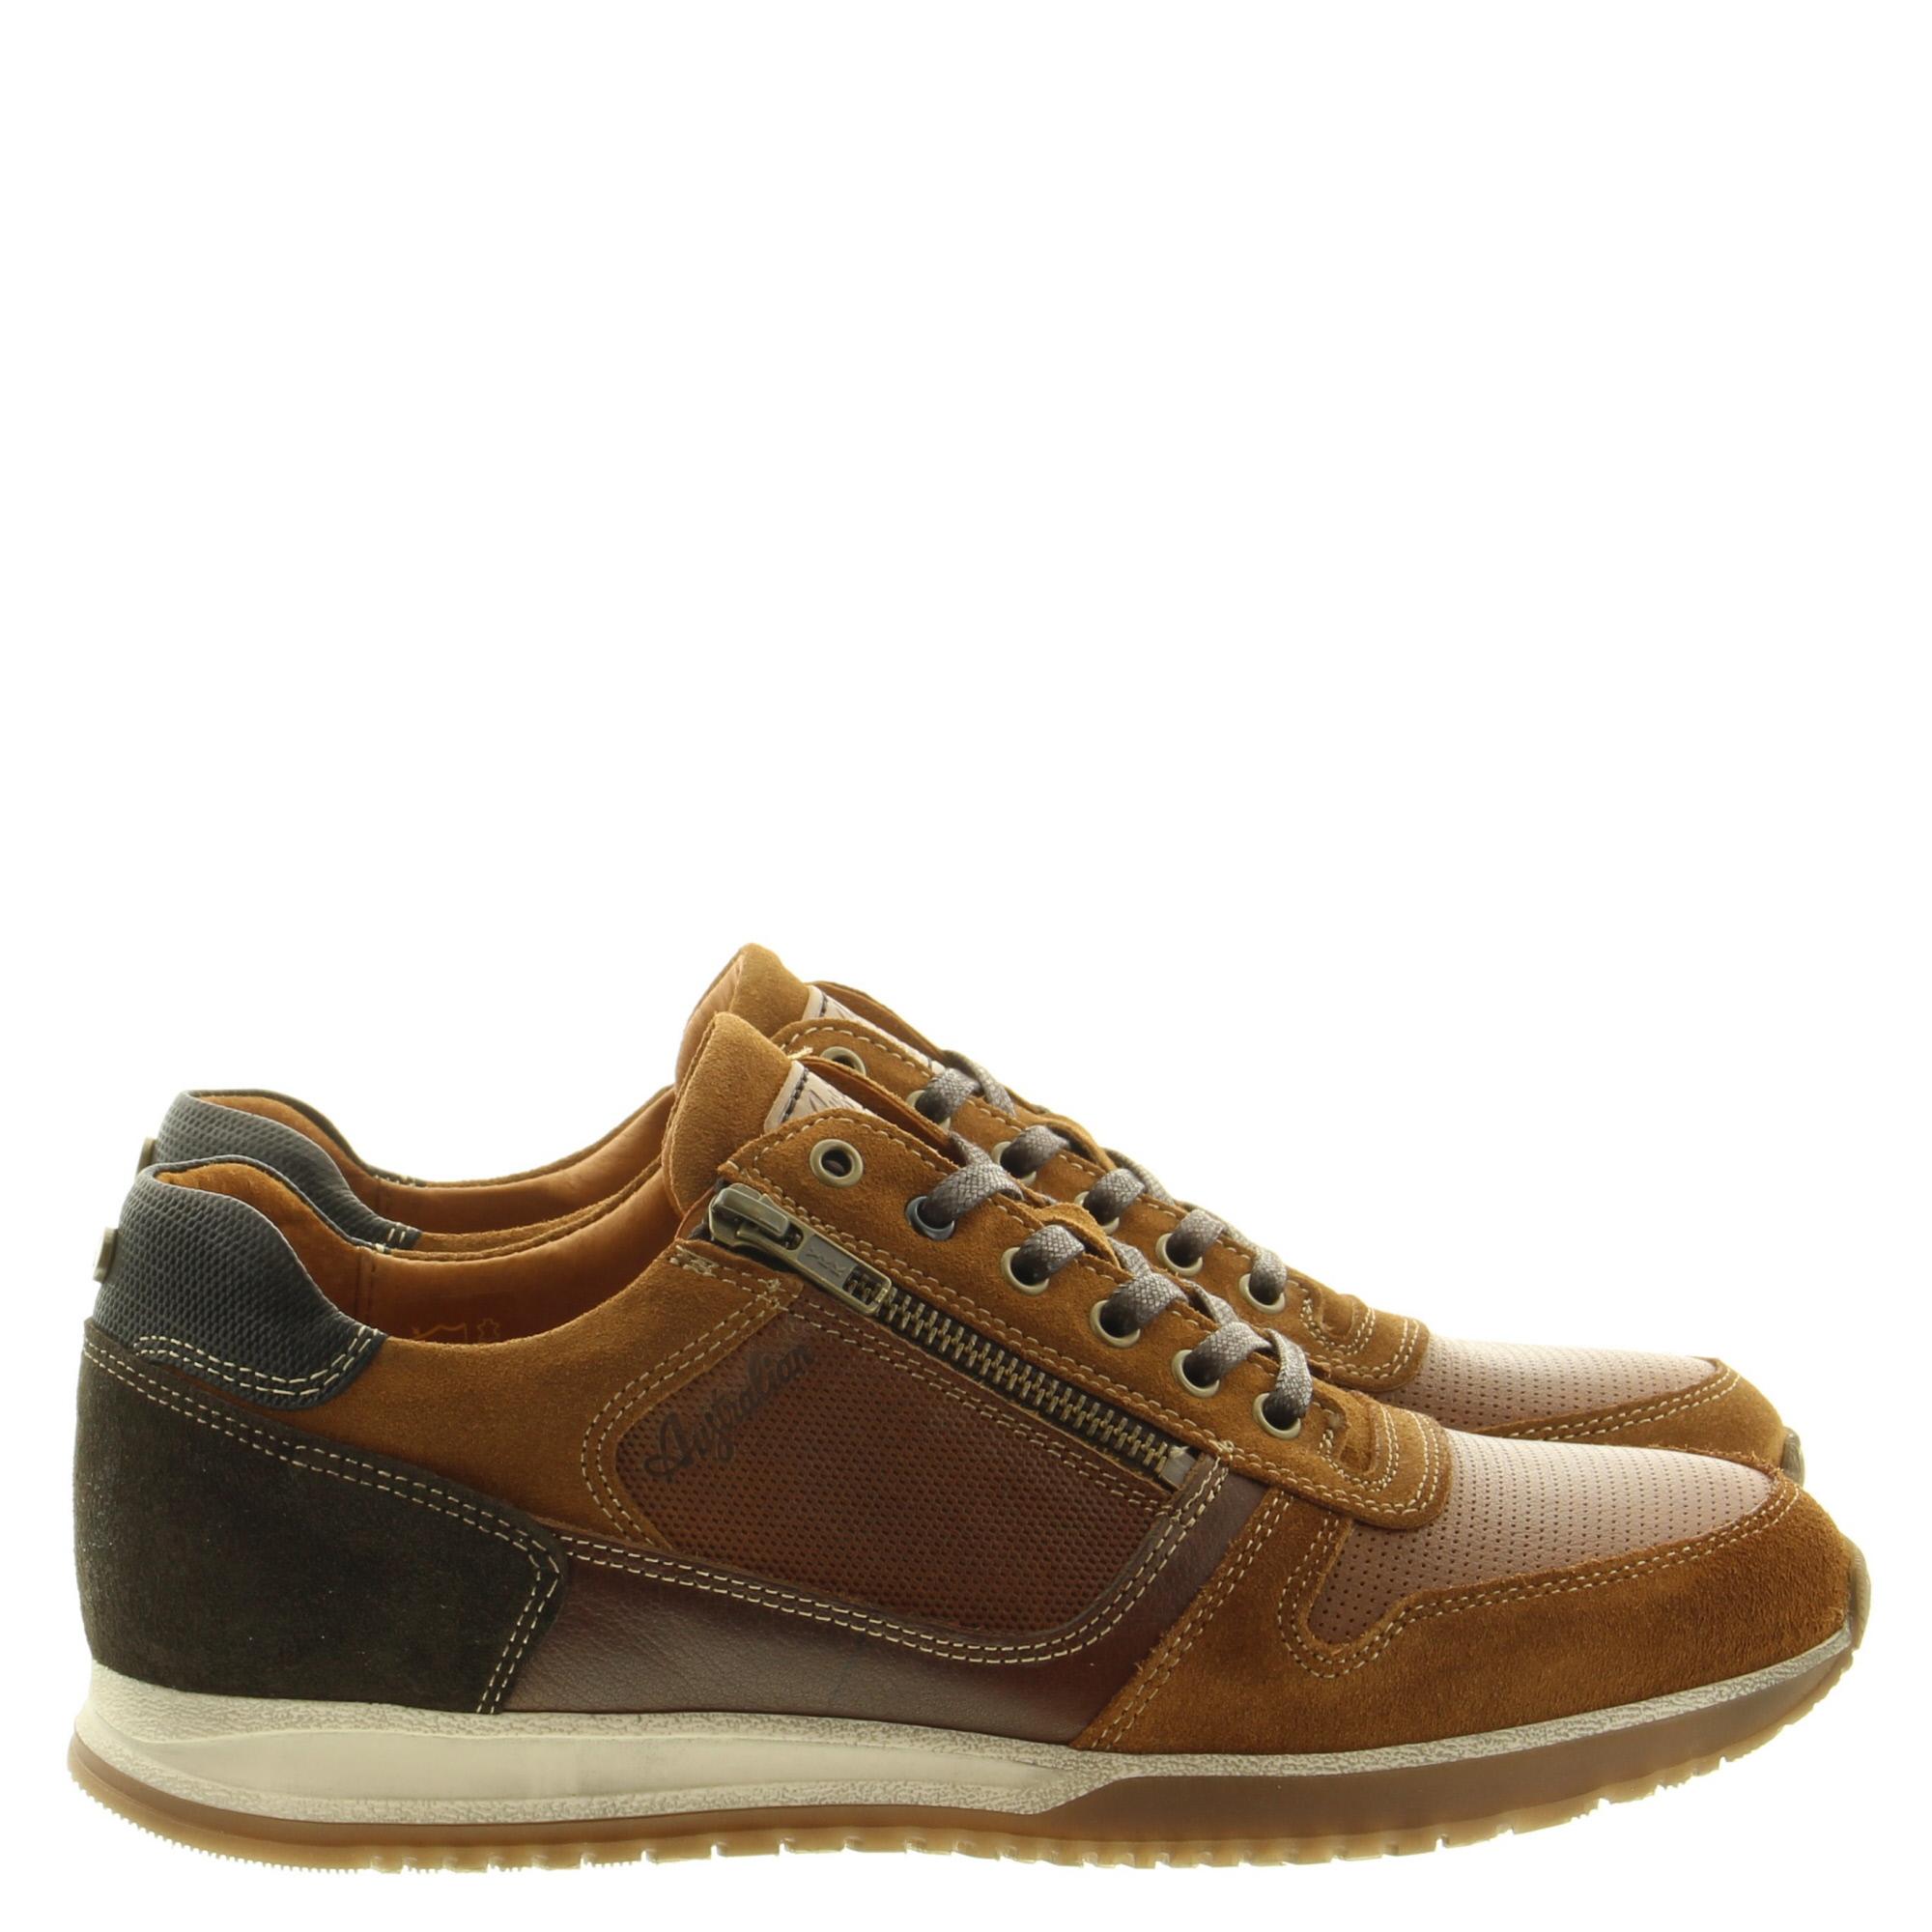 Australian Footwear Browning 15.1473.01 T18 Tan Brown Black